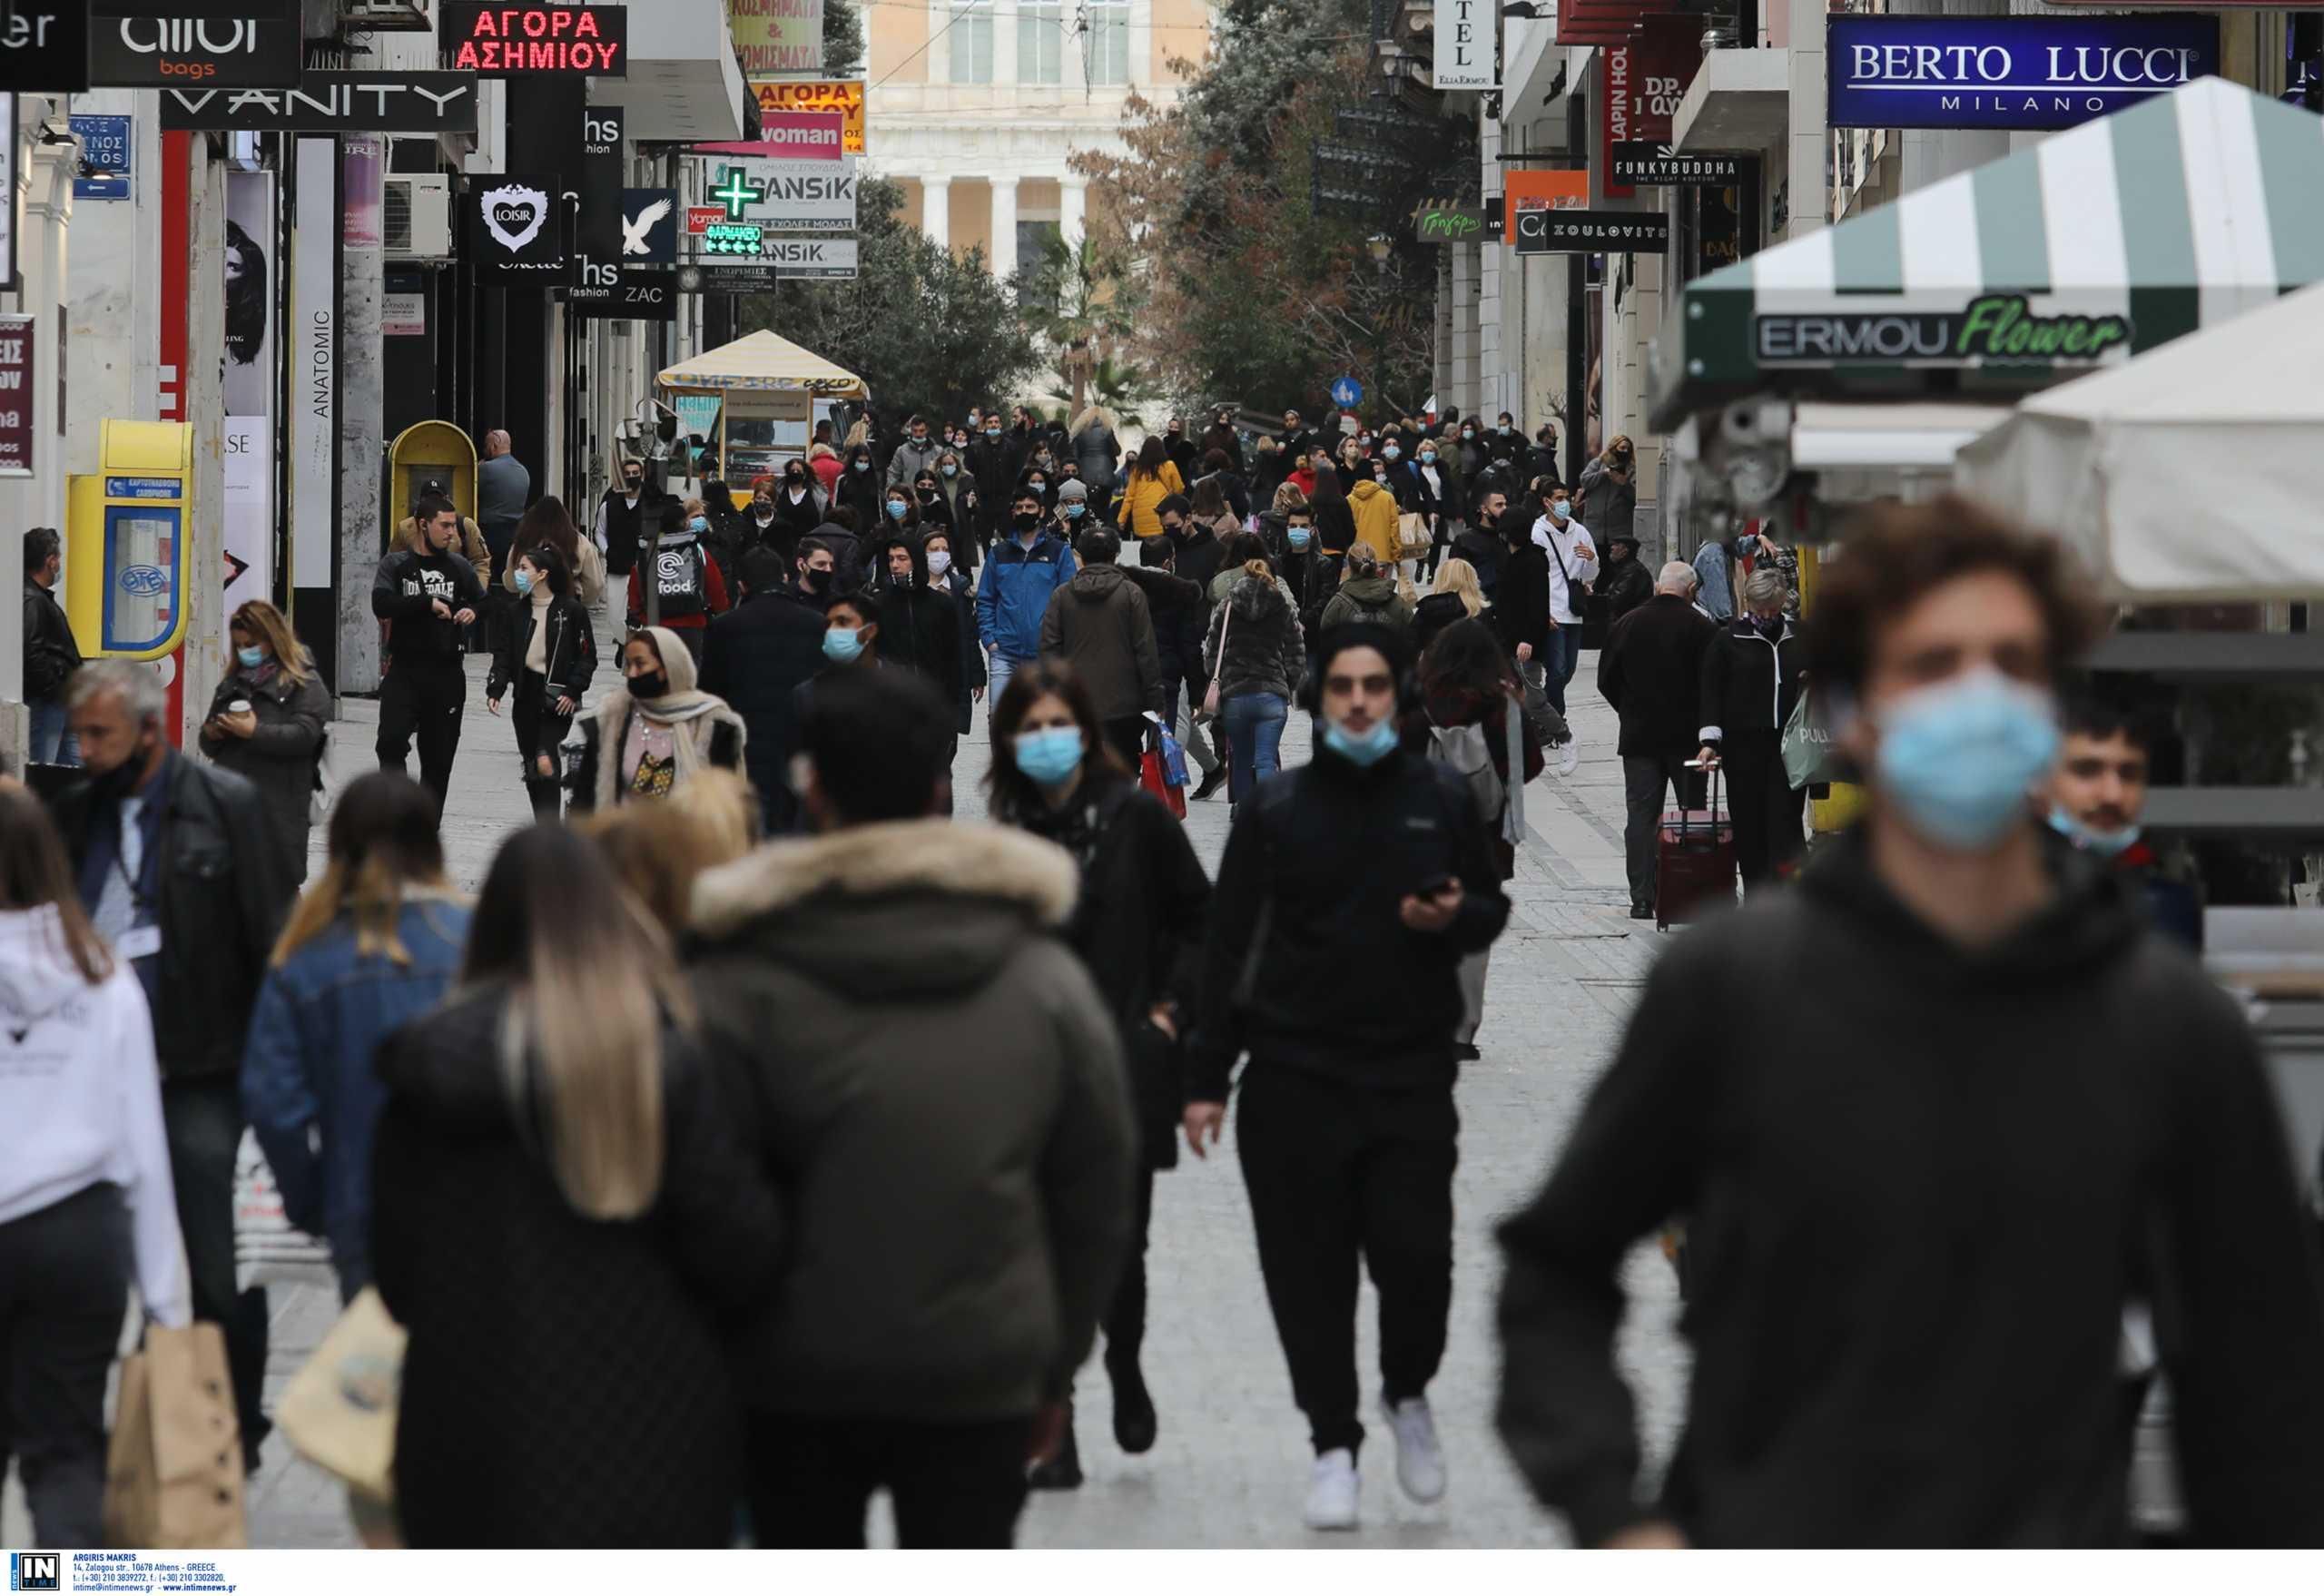 Η πορεία της πανδημίας φοβίζει τους επιστήμονες: Έως 50.000 τα ενεργά κρούσματα – Προτείνουν περιορισμό μετακινήσεων